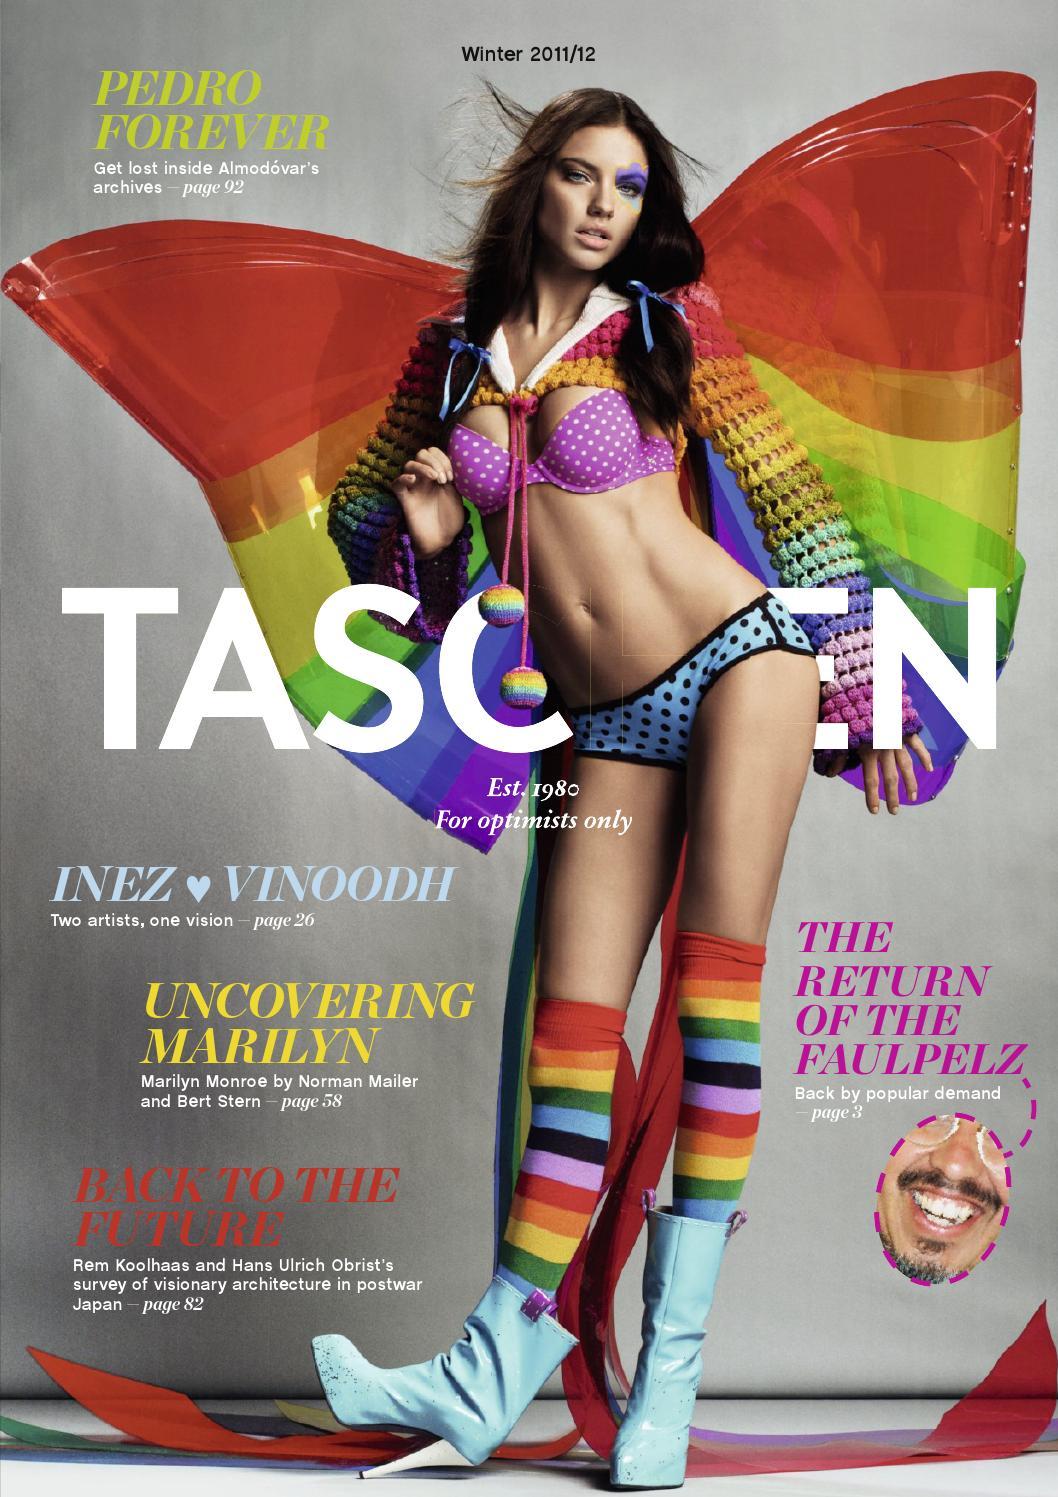 TASCHEN Magazine Winter 2011/12 (English Edition) by TASCHEN ...